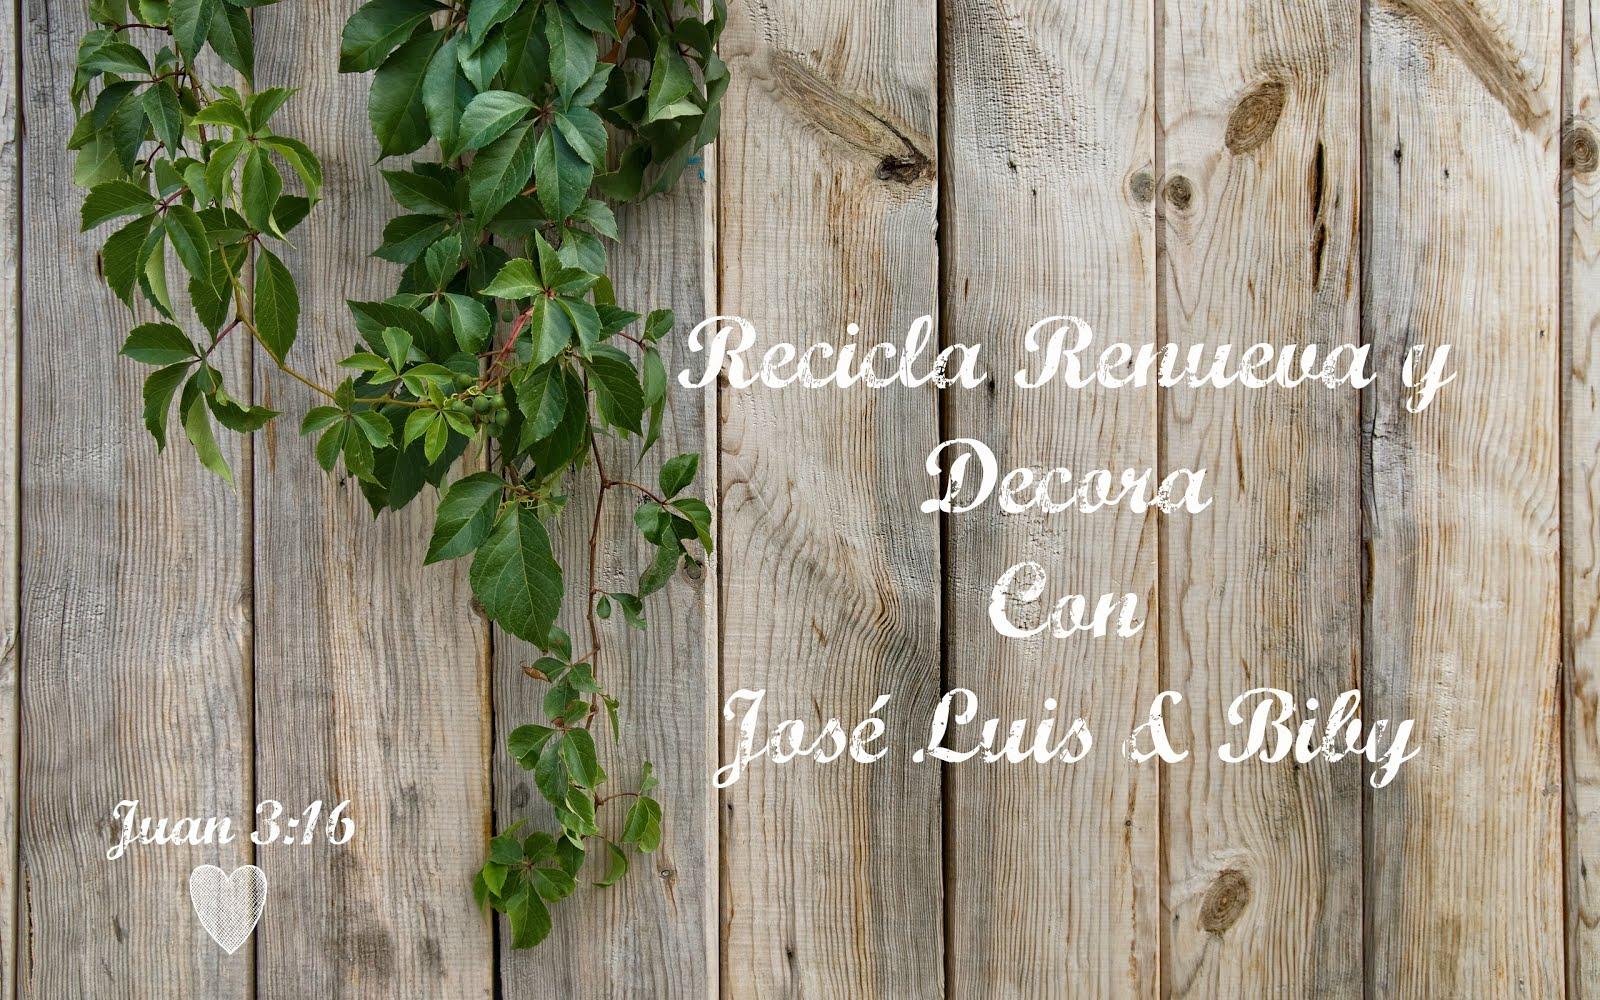 Recicla, Renueva y Decora Con José Luis y Biby